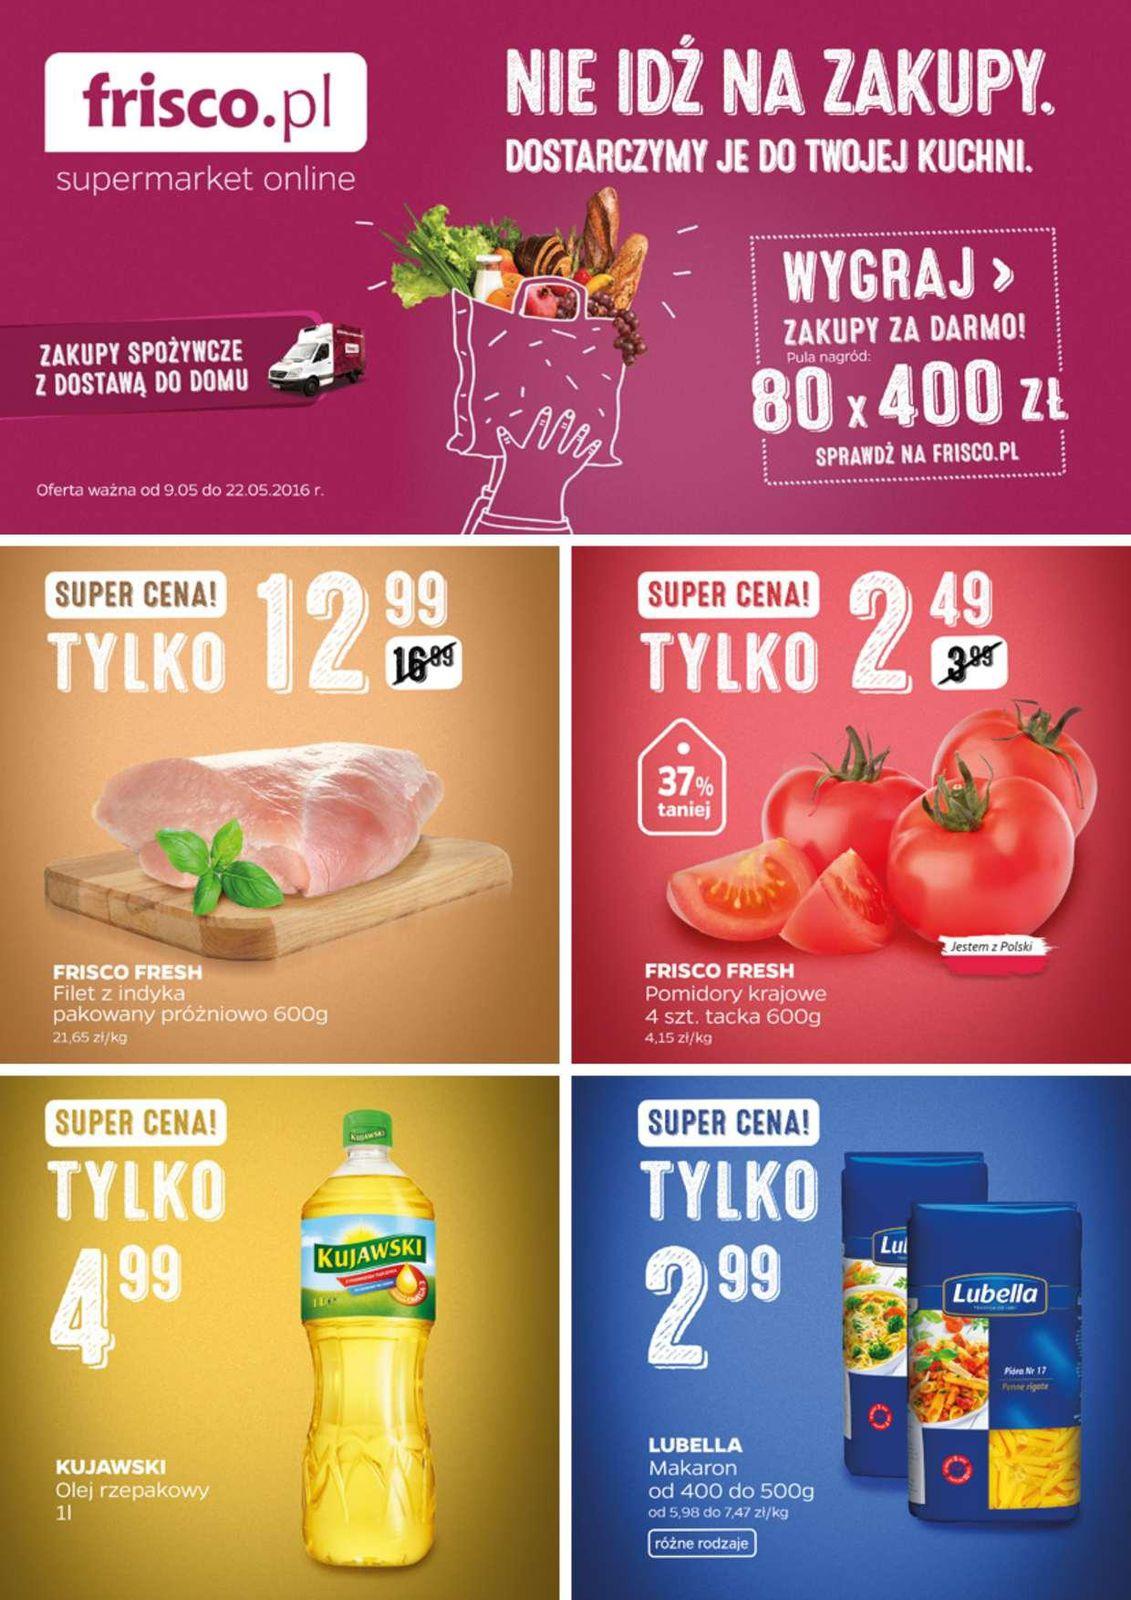 Gazetka promocyjna Frisco.pl do 22/05/2016 str.0